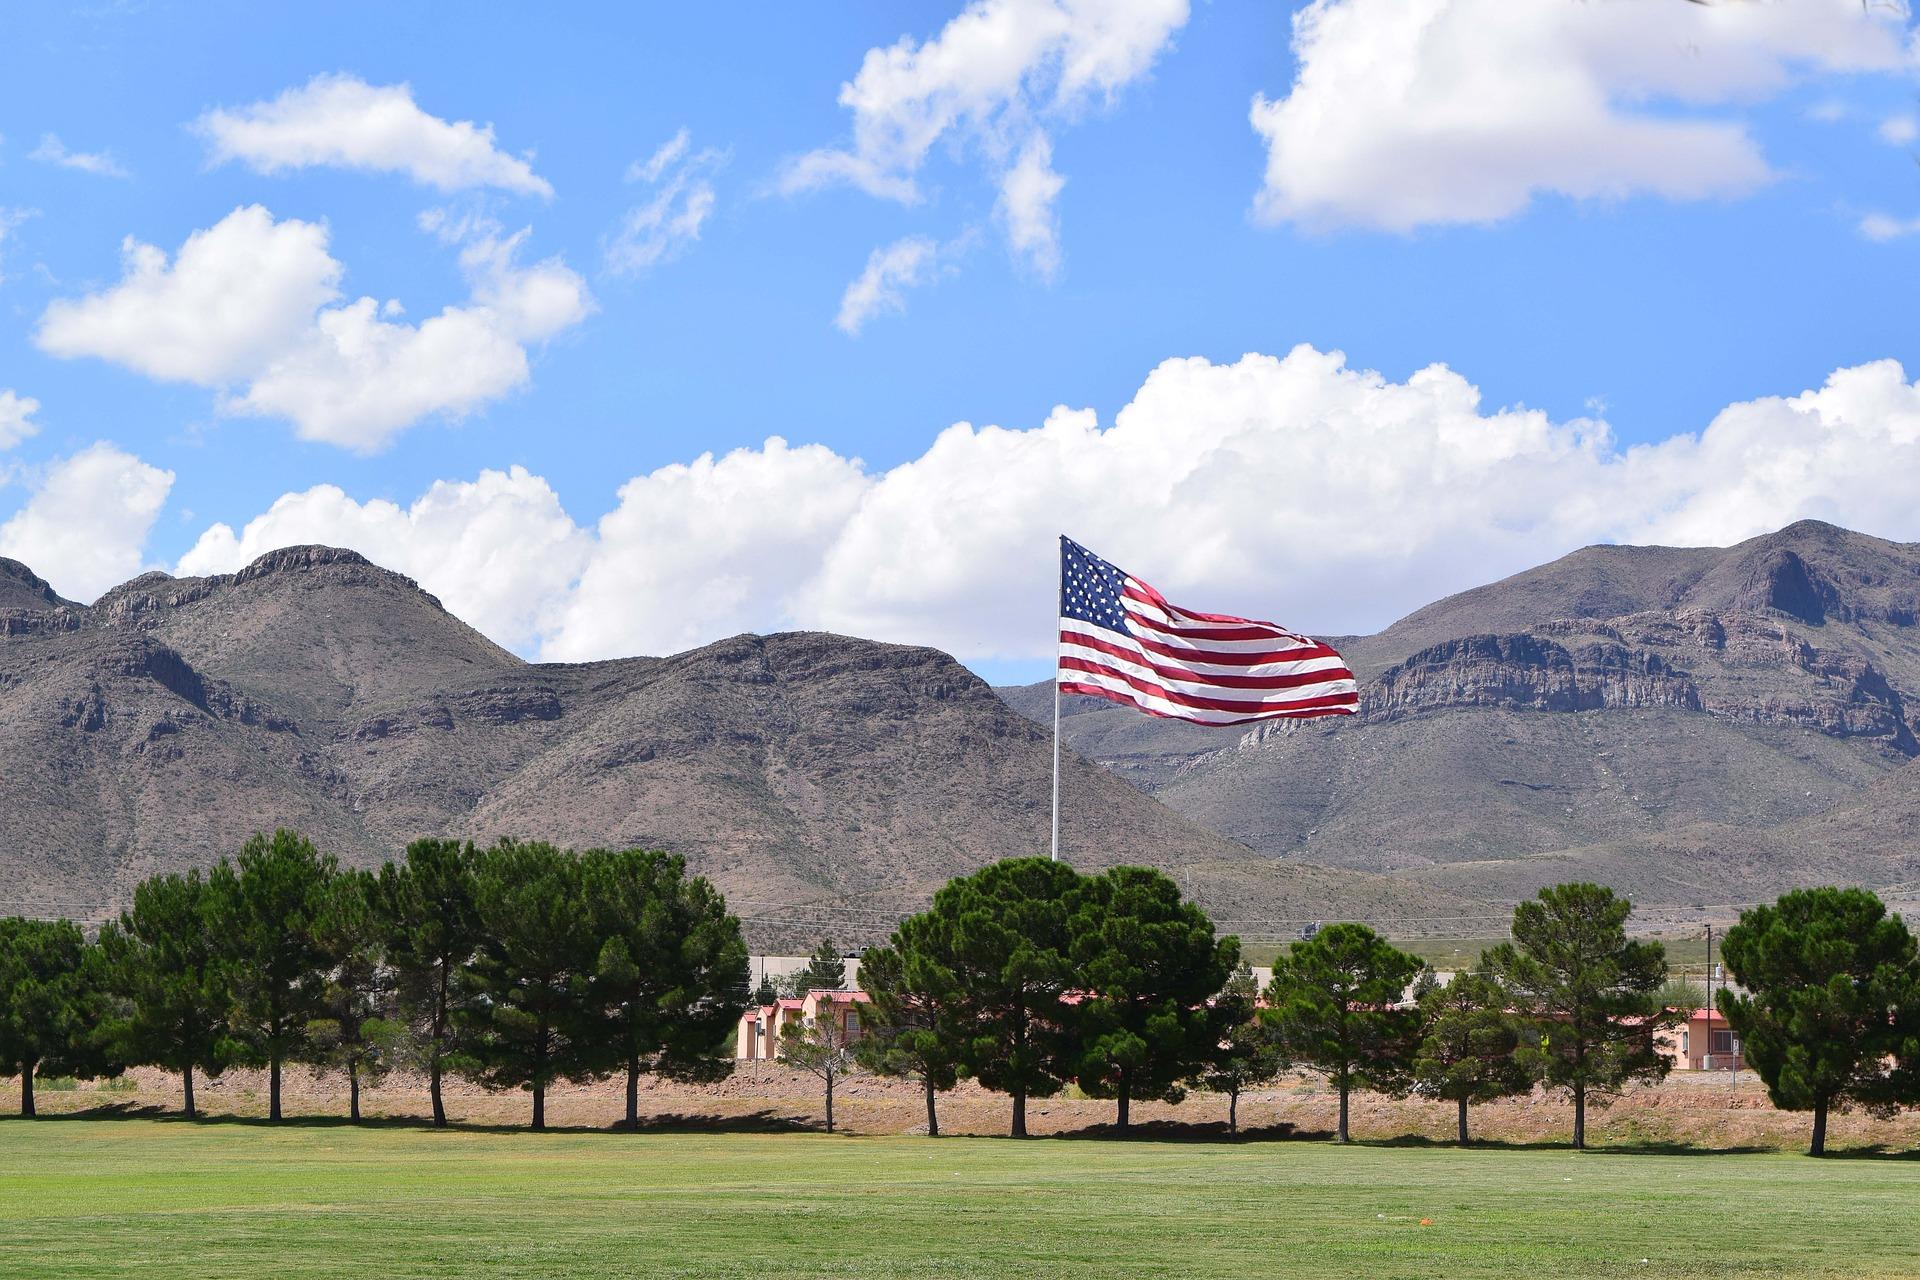 Amerikanische Flagge vor Bergen